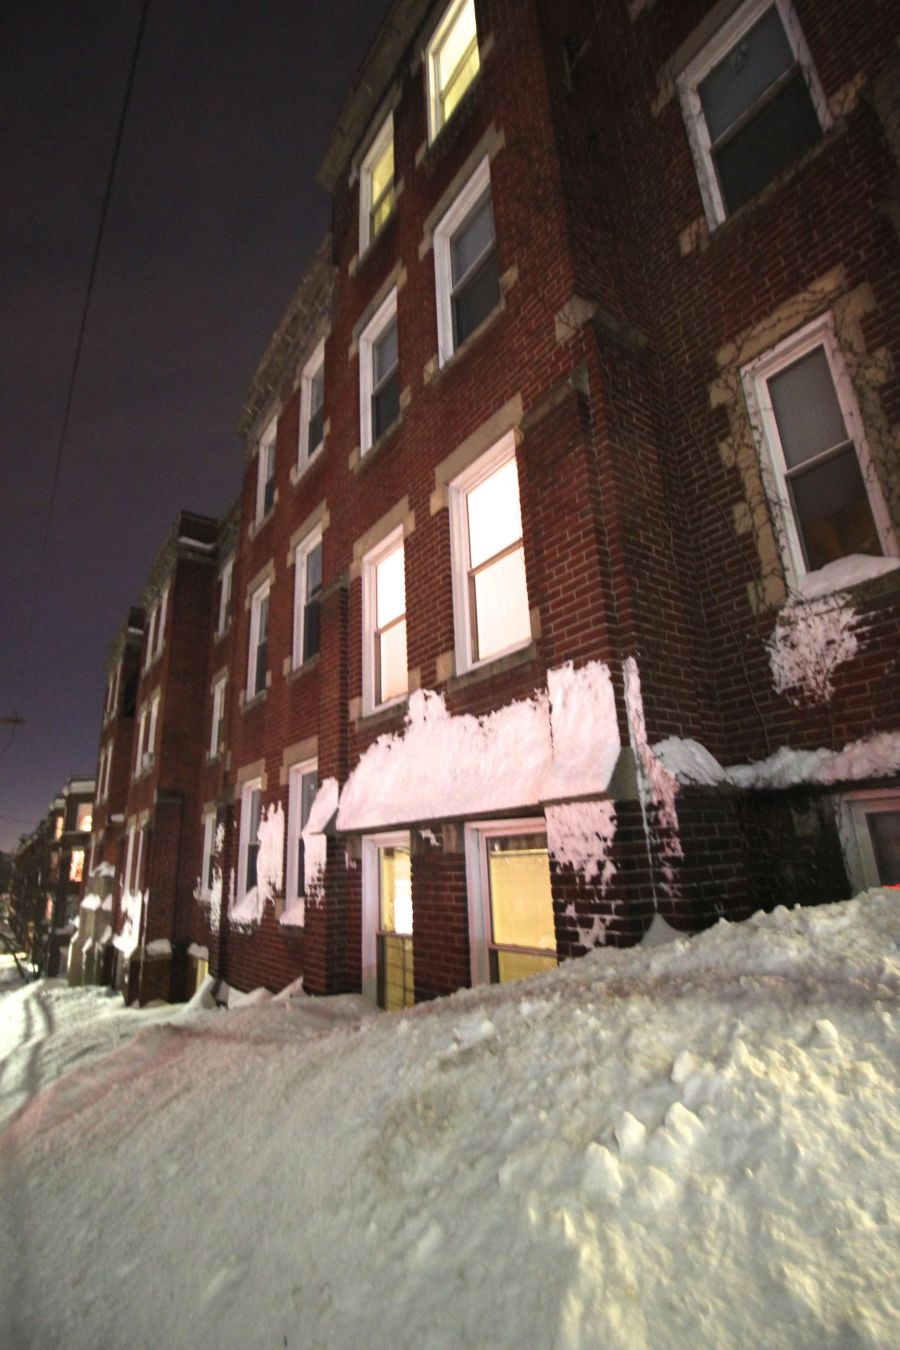 boston allston snow storm february 10 2015 9